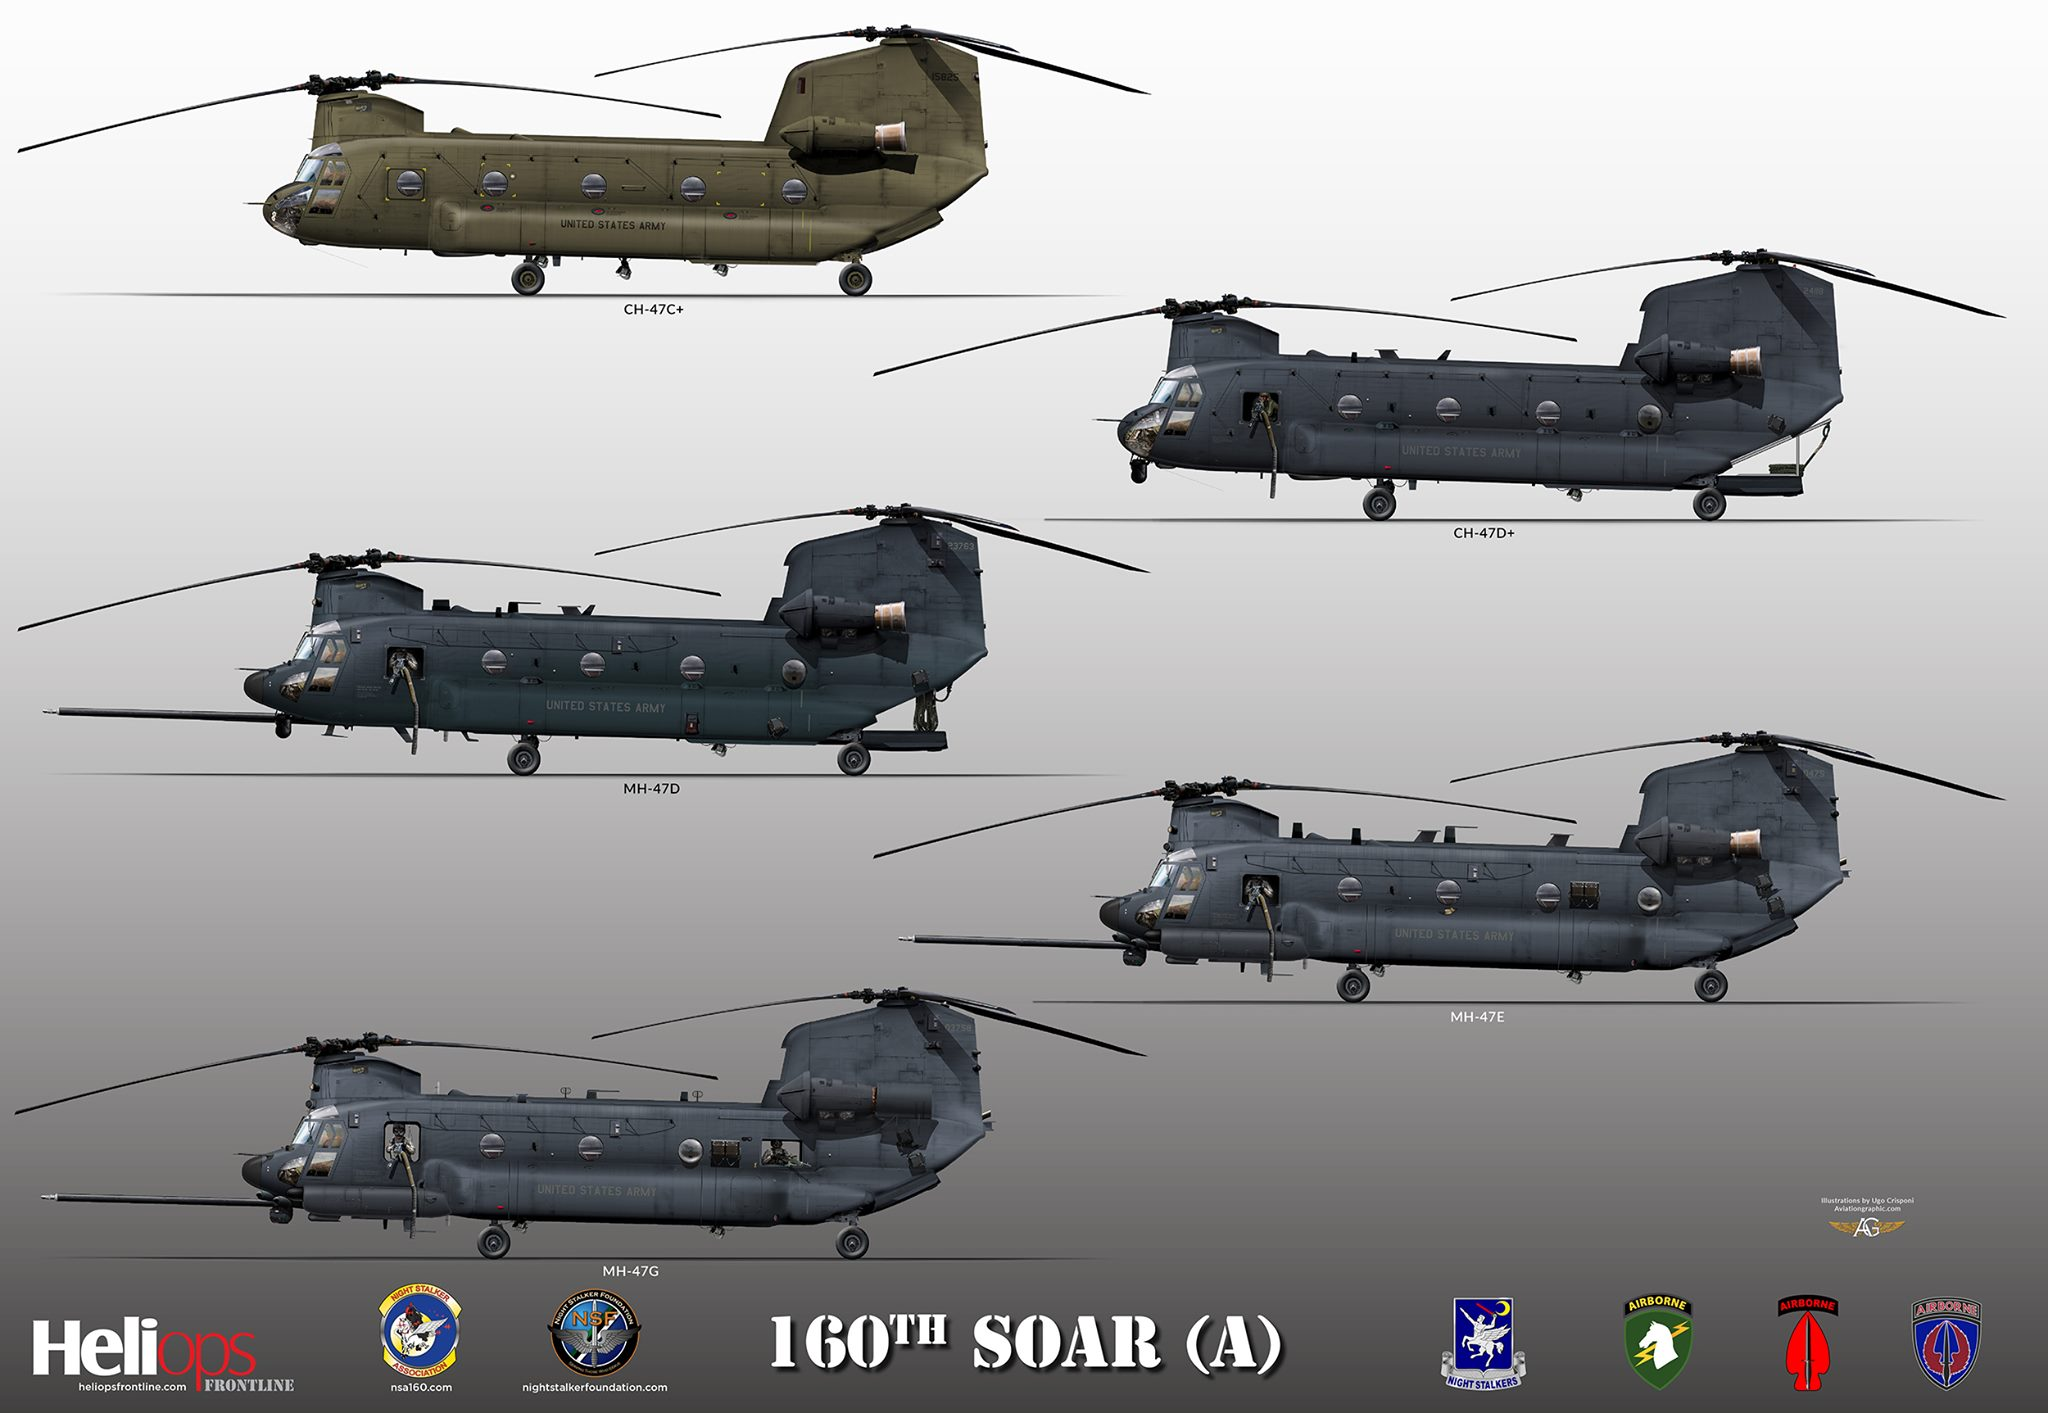 160th SOAR